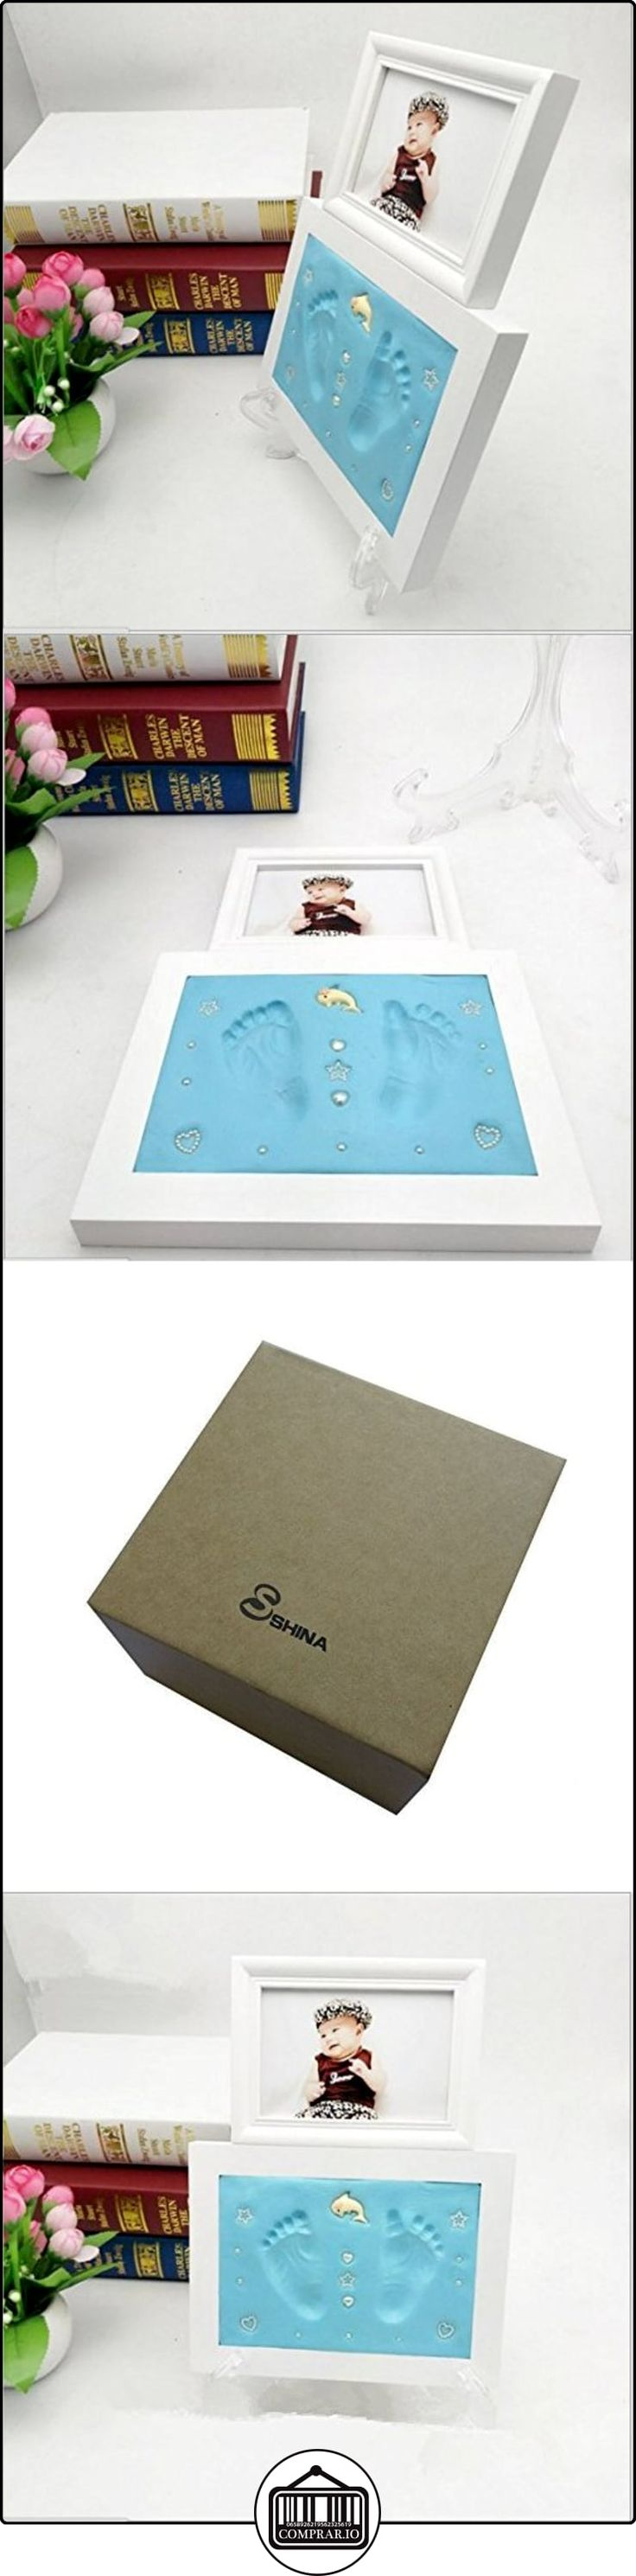 SHINA Impresiones de la mano y del pie del bebé mano del bebé Conjunto huellas Marco  ✿ Regalos para recién nacidos - Bebes ✿ ▬► Ver oferta: http://comprar.io/goto/B01N6DCWY1